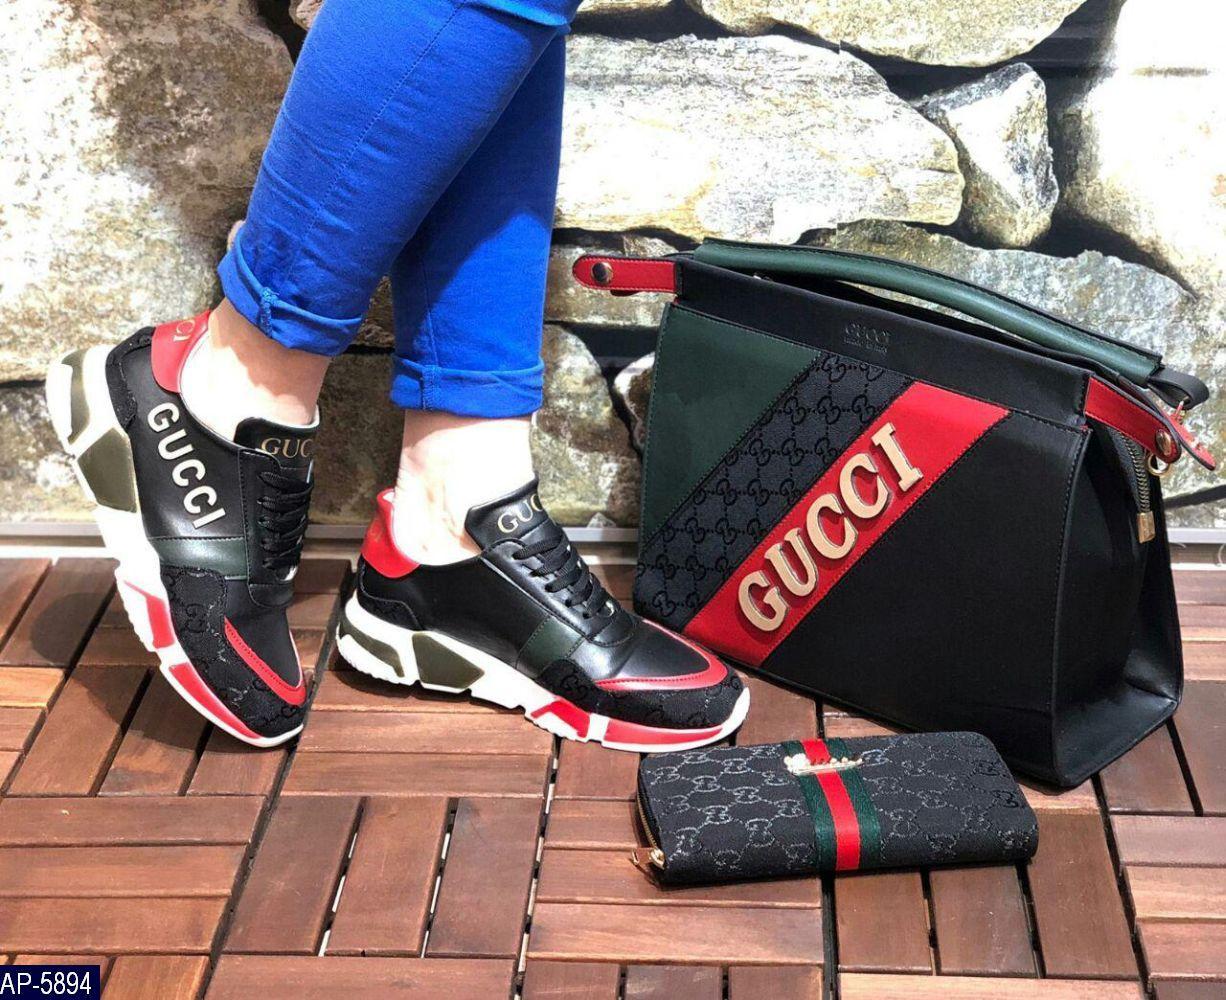 Кошелек Женский Gucci Турция Эко-кожа Высокое качество под заказ 5-10 дней